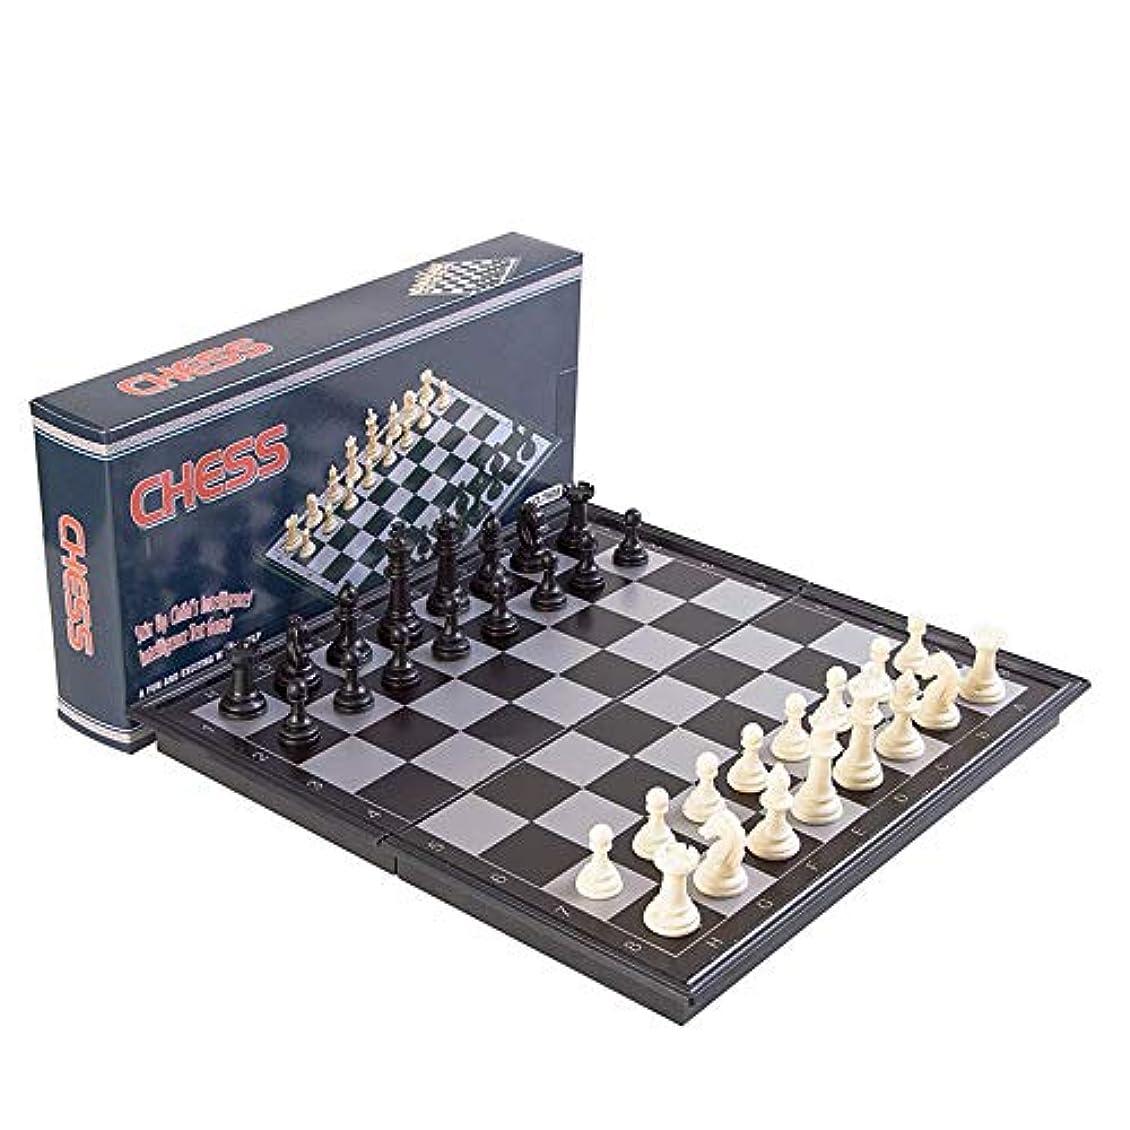 ピア肉屋契約チェスセット セ 磁気旅行チェスセット3で1チェスチェッカーバックギャモンセット用大人子供折りたたみポータブルチェスセット伝統的なチェスゲーム マスターチェス (色 : As picture, サイズ : 24*12.3*3.7cm)